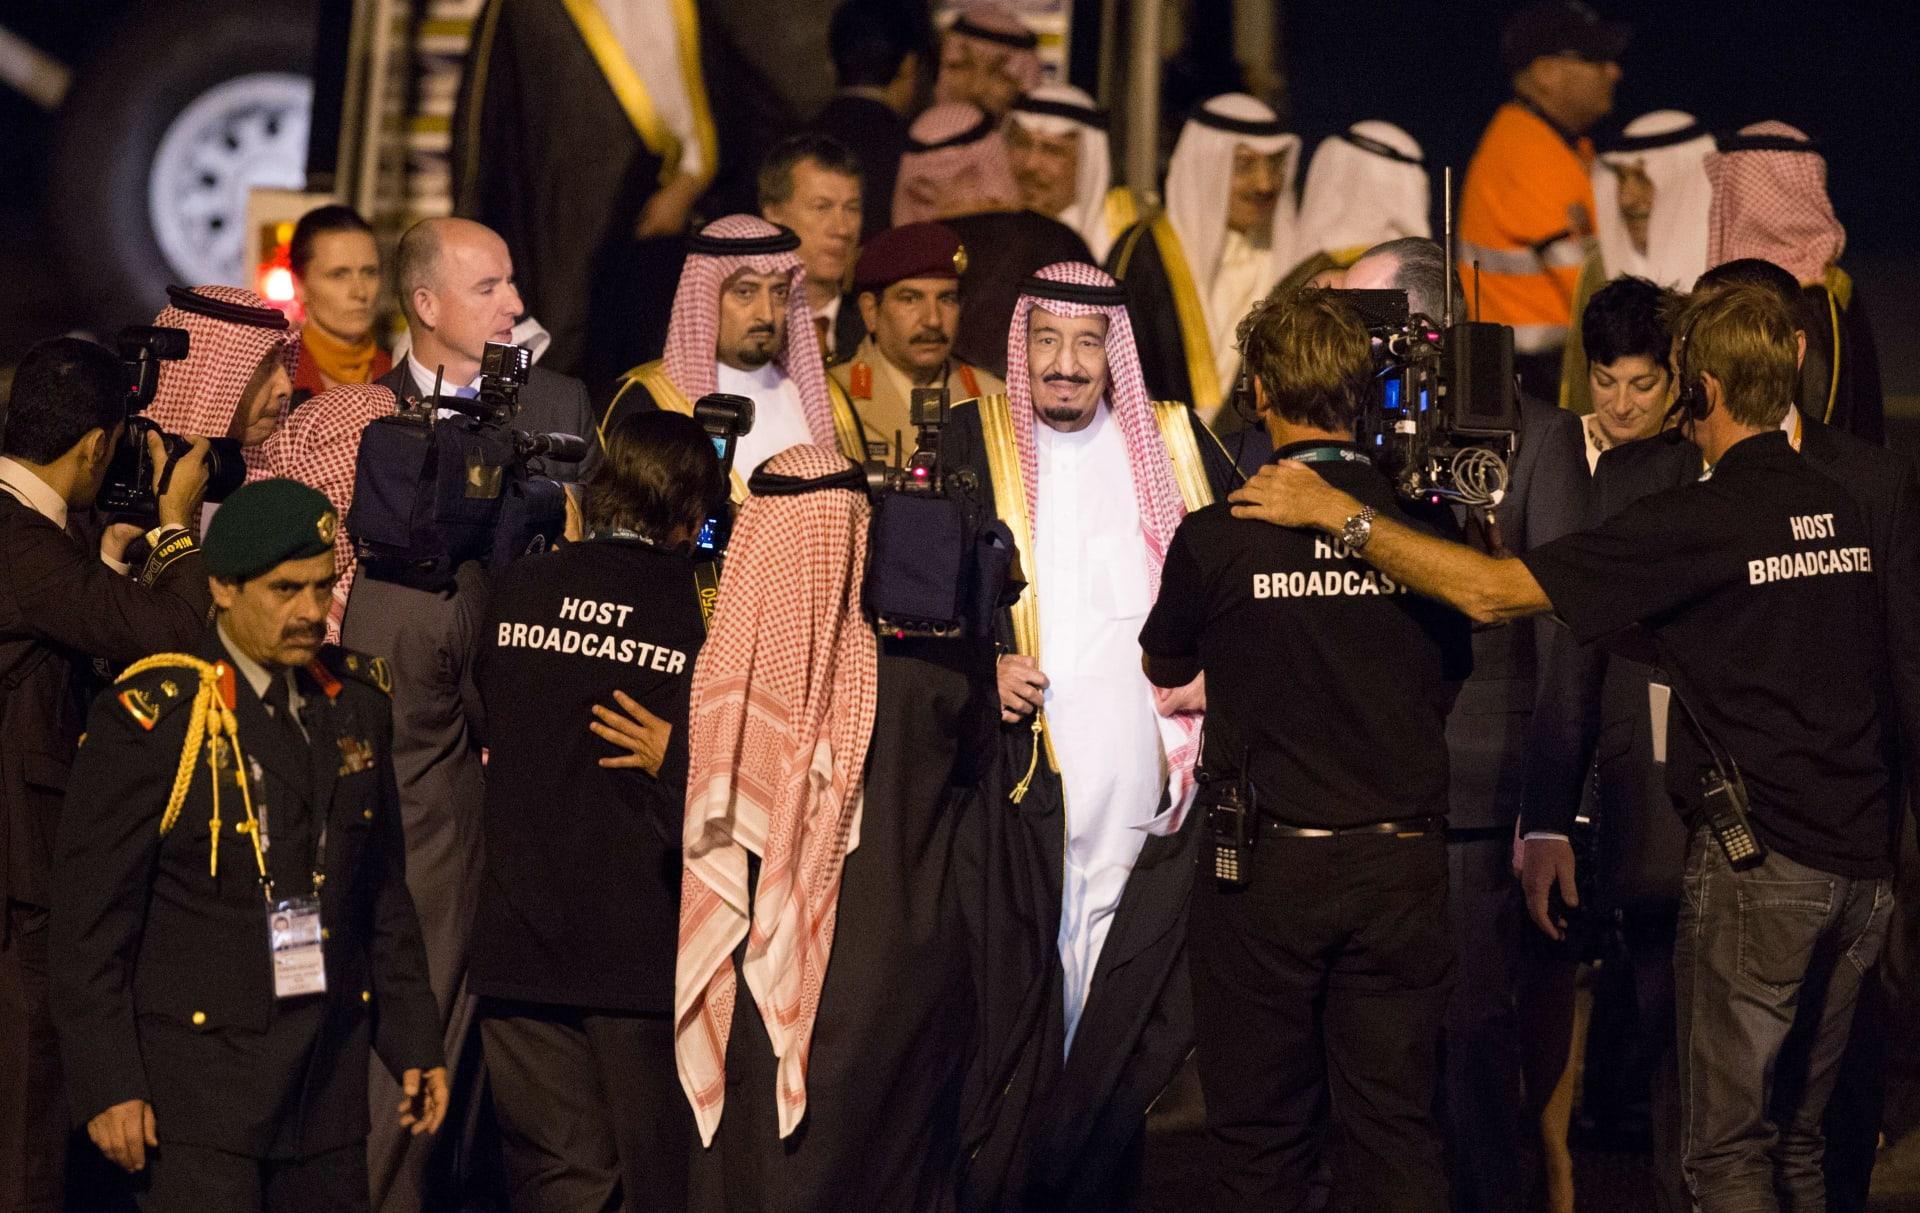 بعد دخوله المستشفى.. الملك سلمان يتلقى اتصالا من أمير الكويت